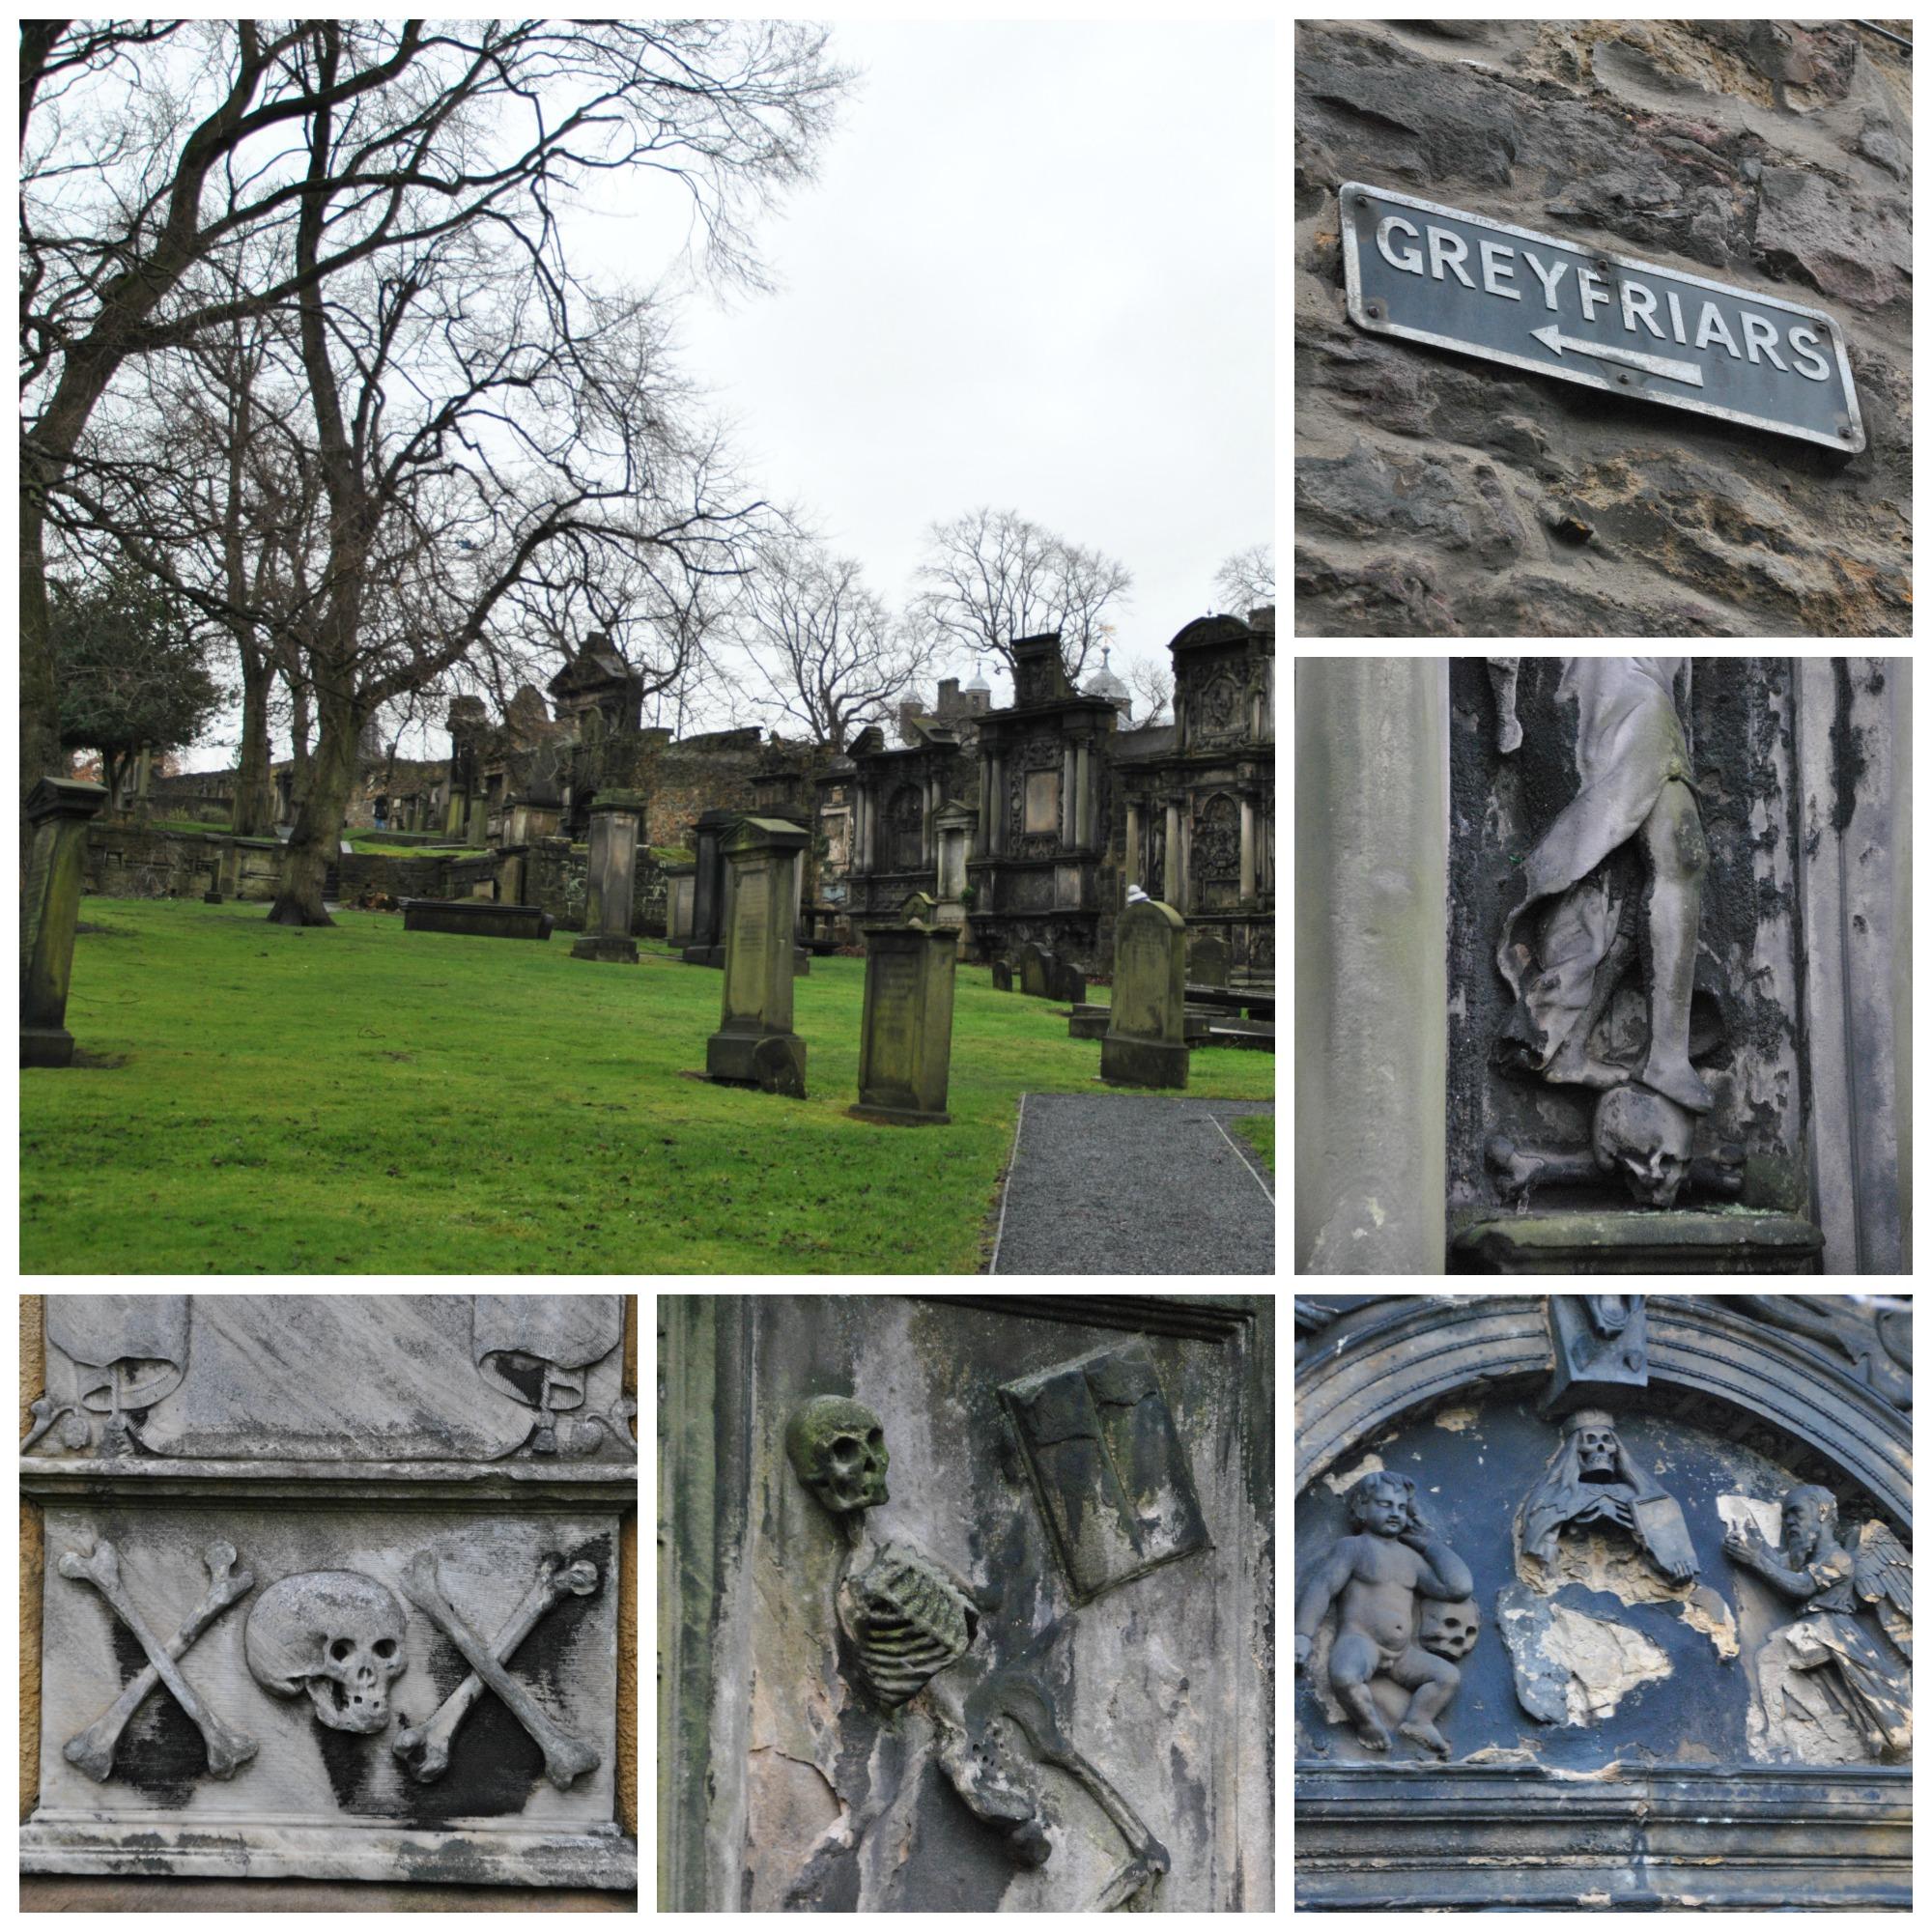 Cimitero di Greyfriars ad Edimburgo